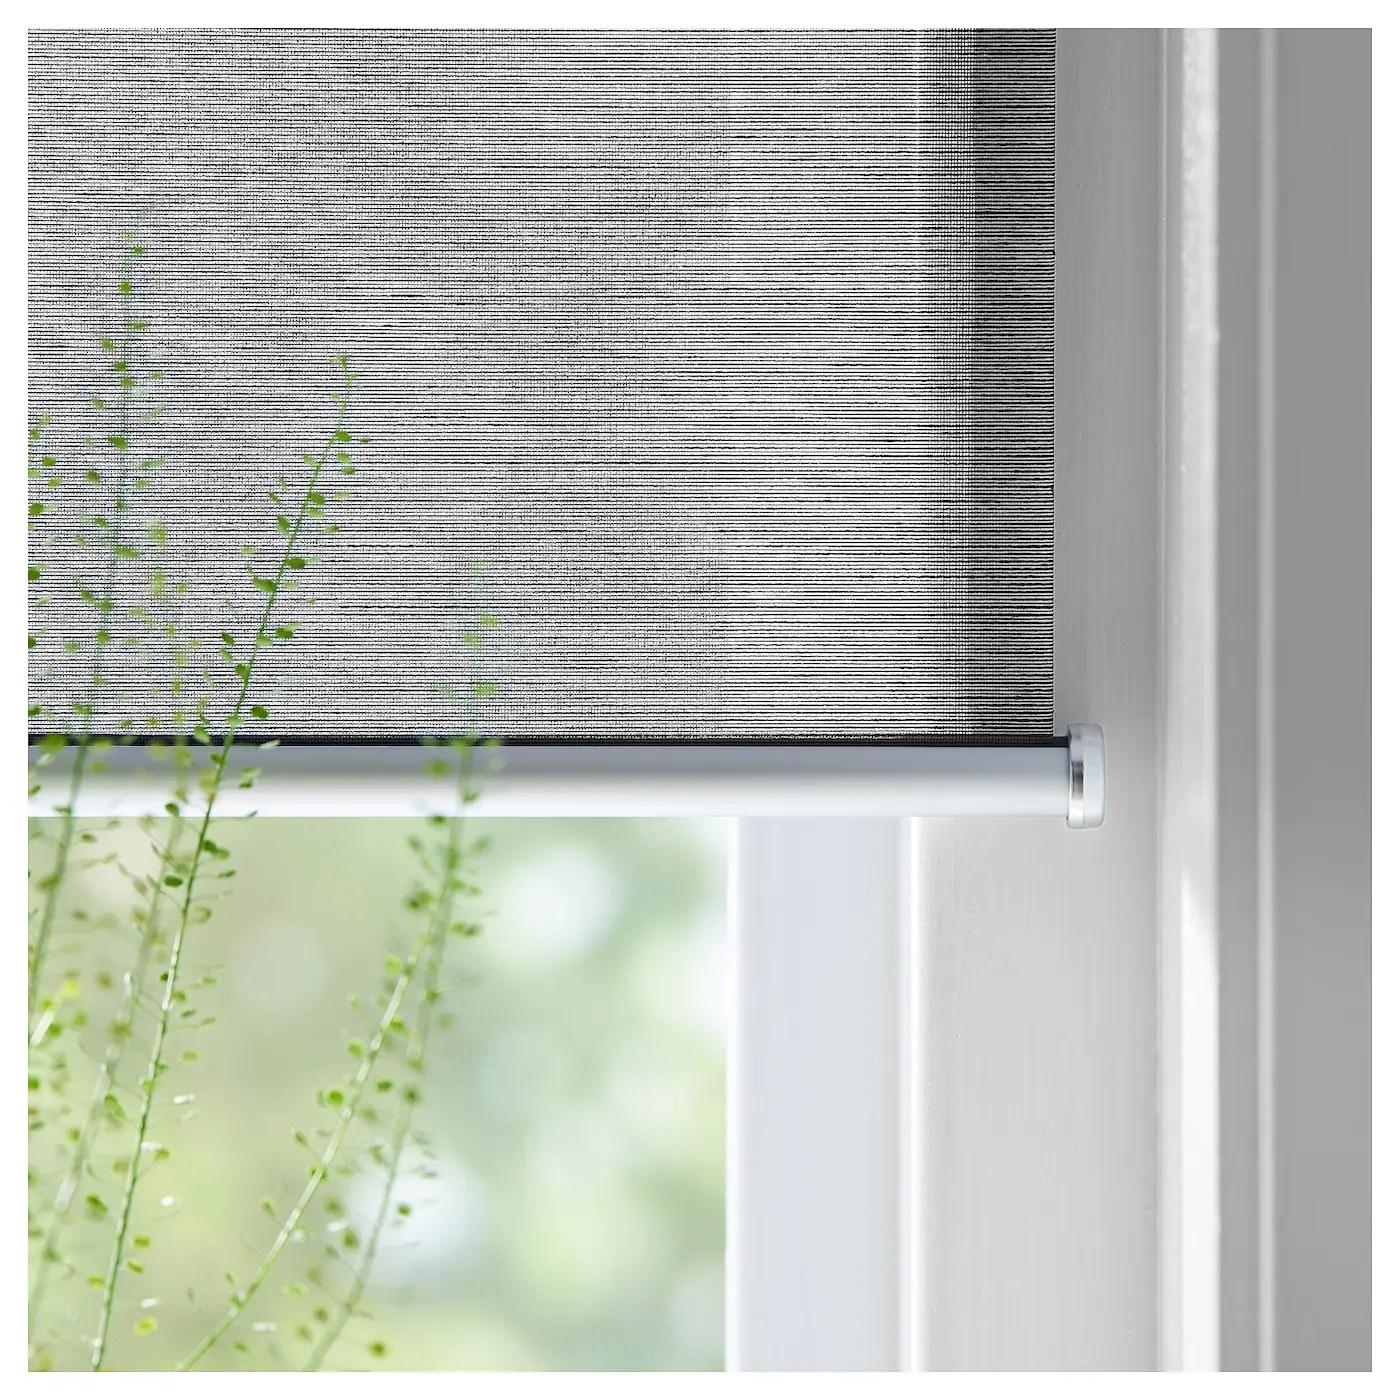 Compatibile solo con finestre per tetti e tende a marchio velux. Skogsklover Tenda A Rullo Grigio 100x195 Cm Ikea It